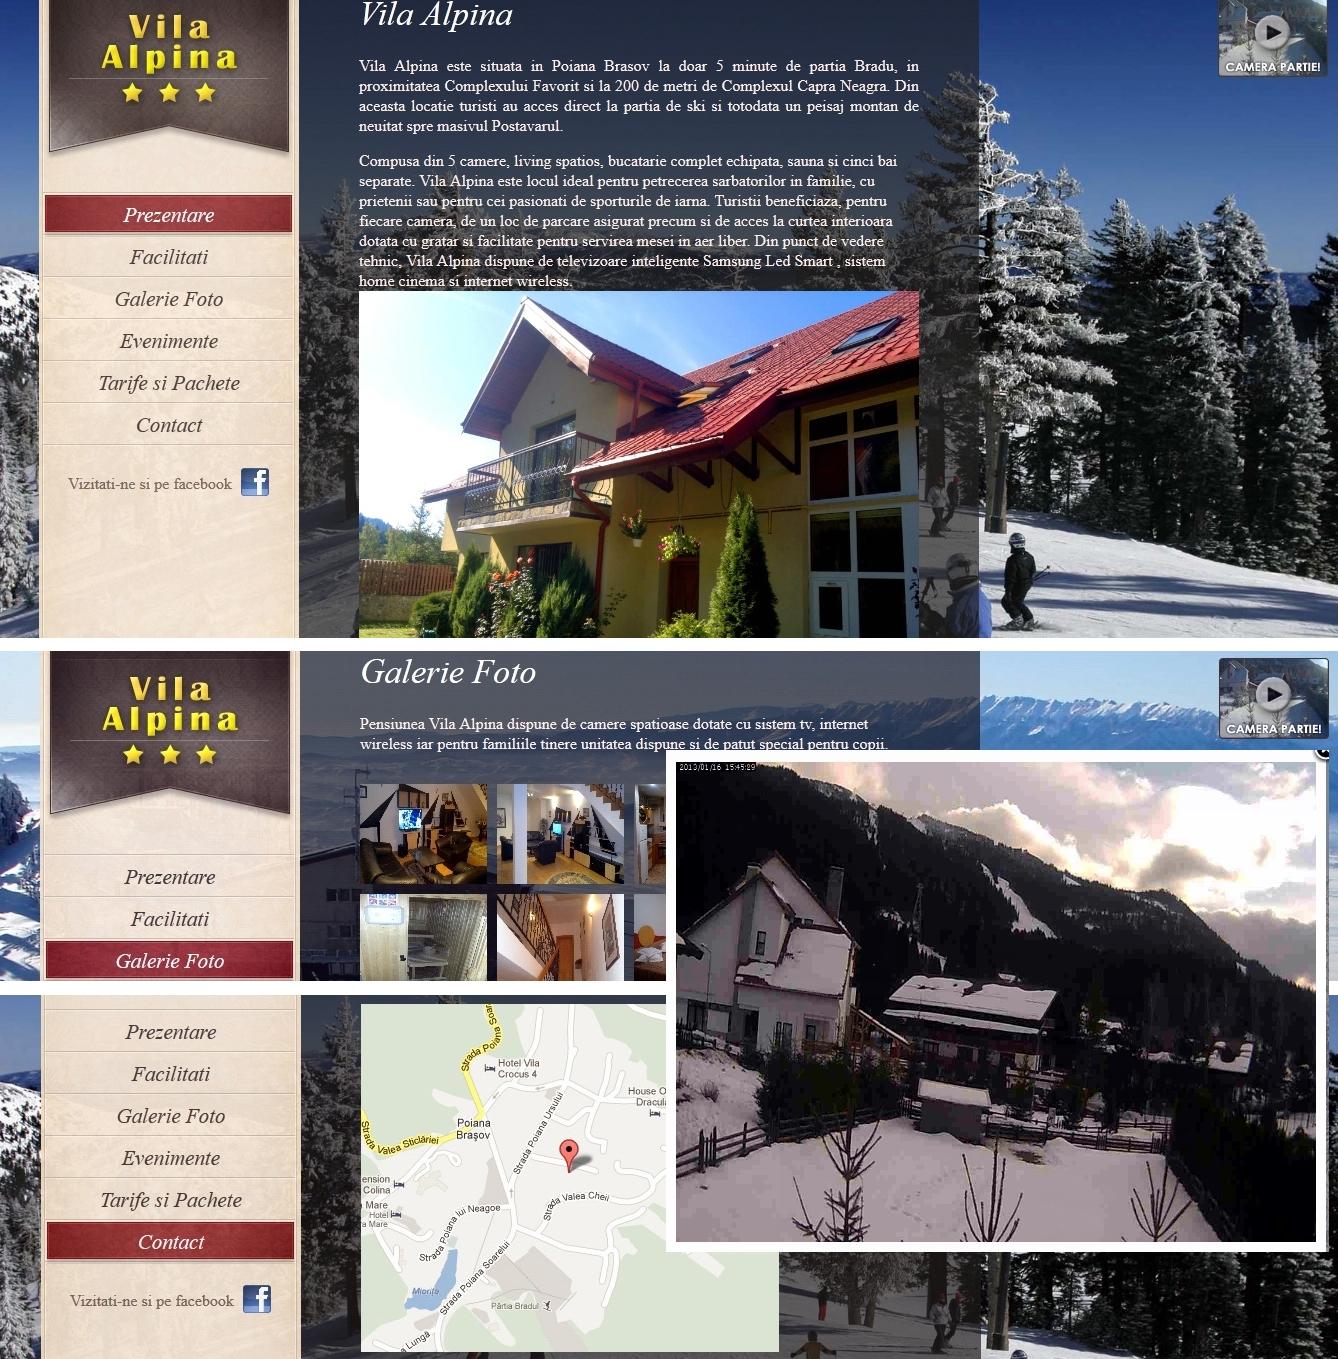 Realizare grafica promovare site - Unigraphics Publicitate si Servicii